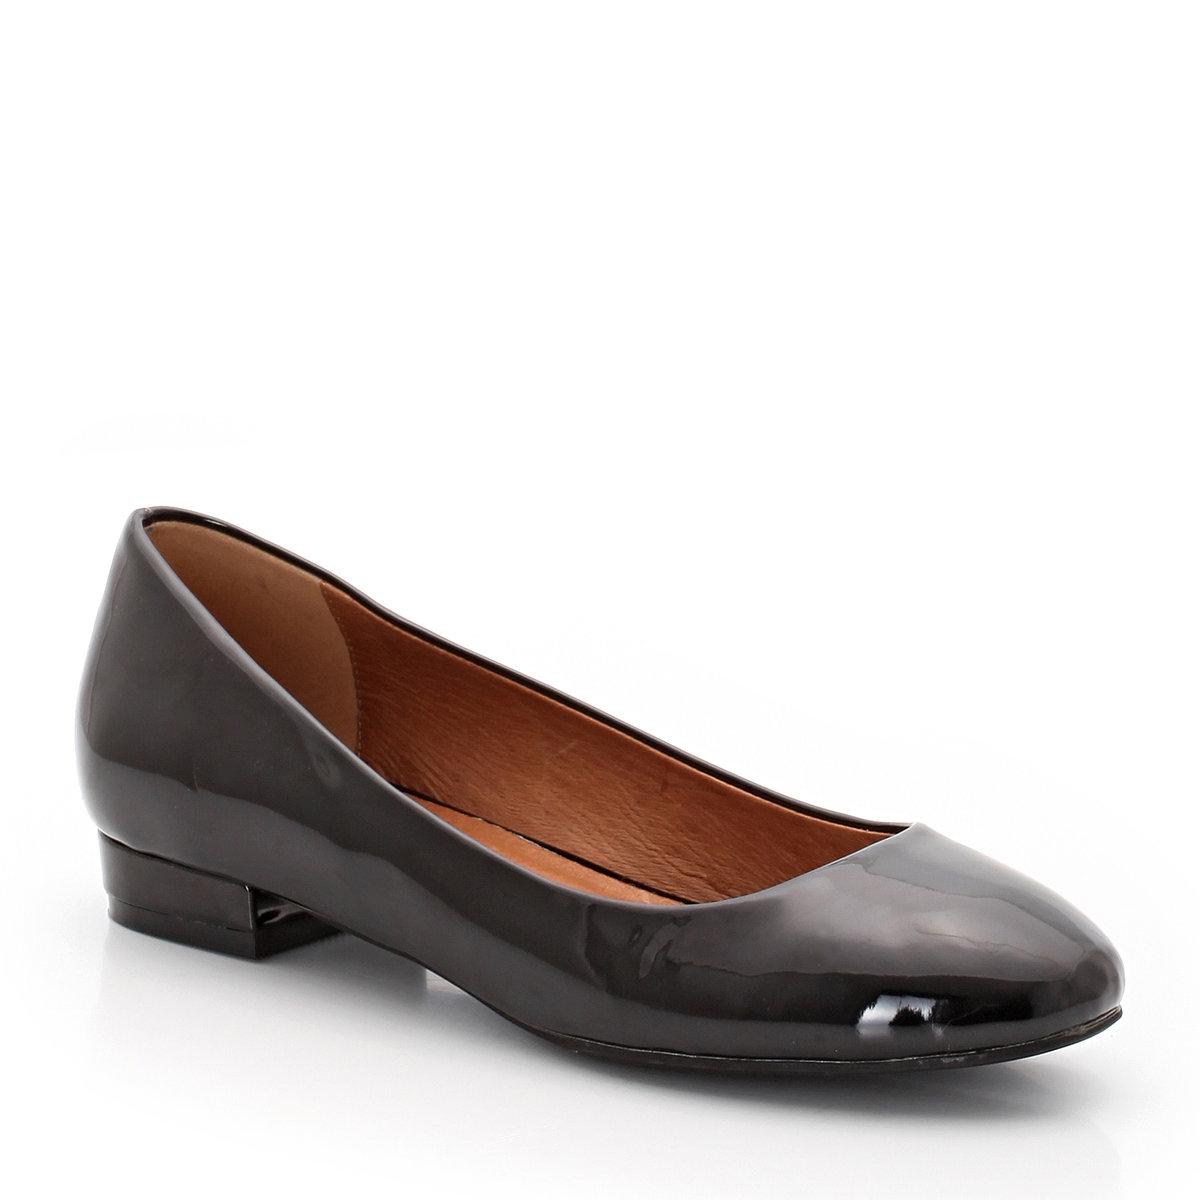 БалеткиБалетки Taillissime, размеры 38-45 по одной цене! Модель подходит для широкой ступни.Верх: лакированная синтетика Подкладка: кожа.   Стелька: кожа на вспененной основе. Подошва: нескользящий эластомер. Высота каблука: 2 см. Преимущества: изысканные лакированные балетки<br><br>Цвет: бежевый,черный<br>Размер: 38